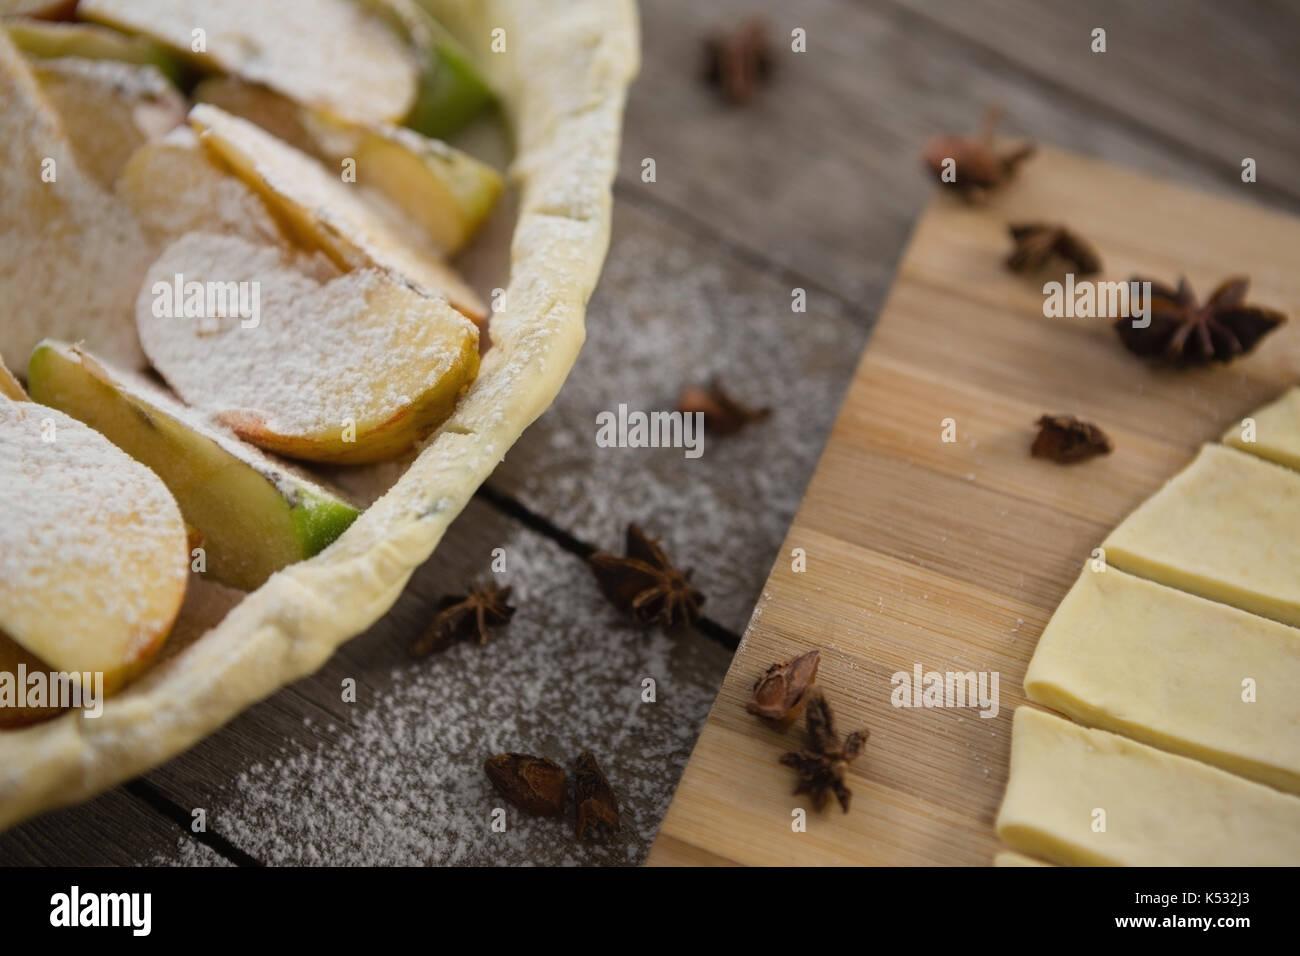 Immagine ritagliata della pasticceria strisce di pasta da Apple in teglia sul tavolo Immagini Stock